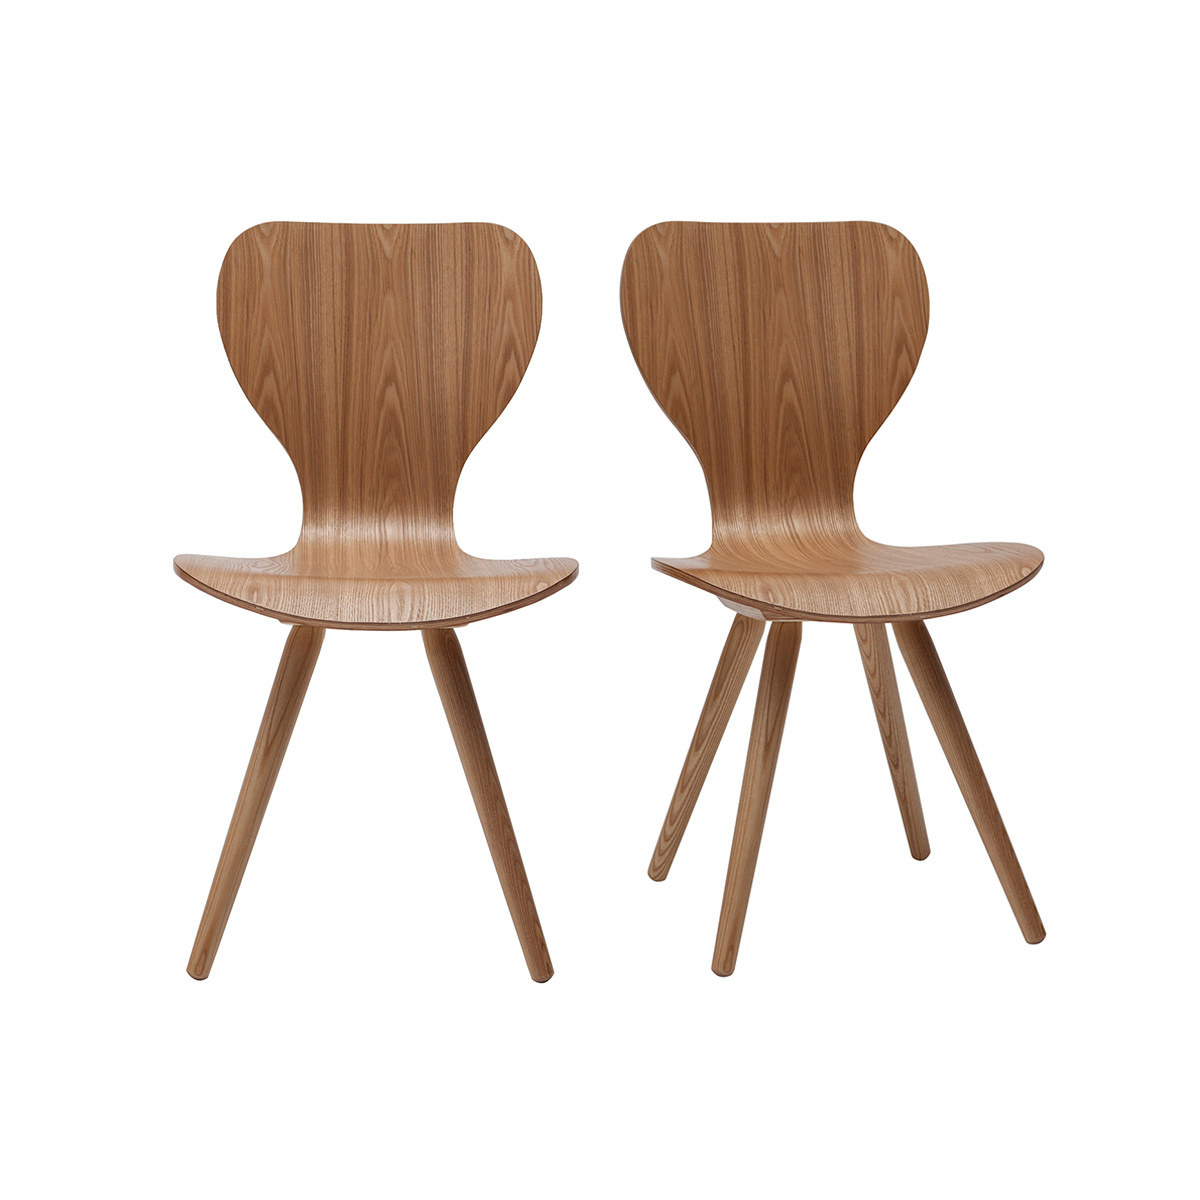 Lote de dos sillas en fresno NORDECO